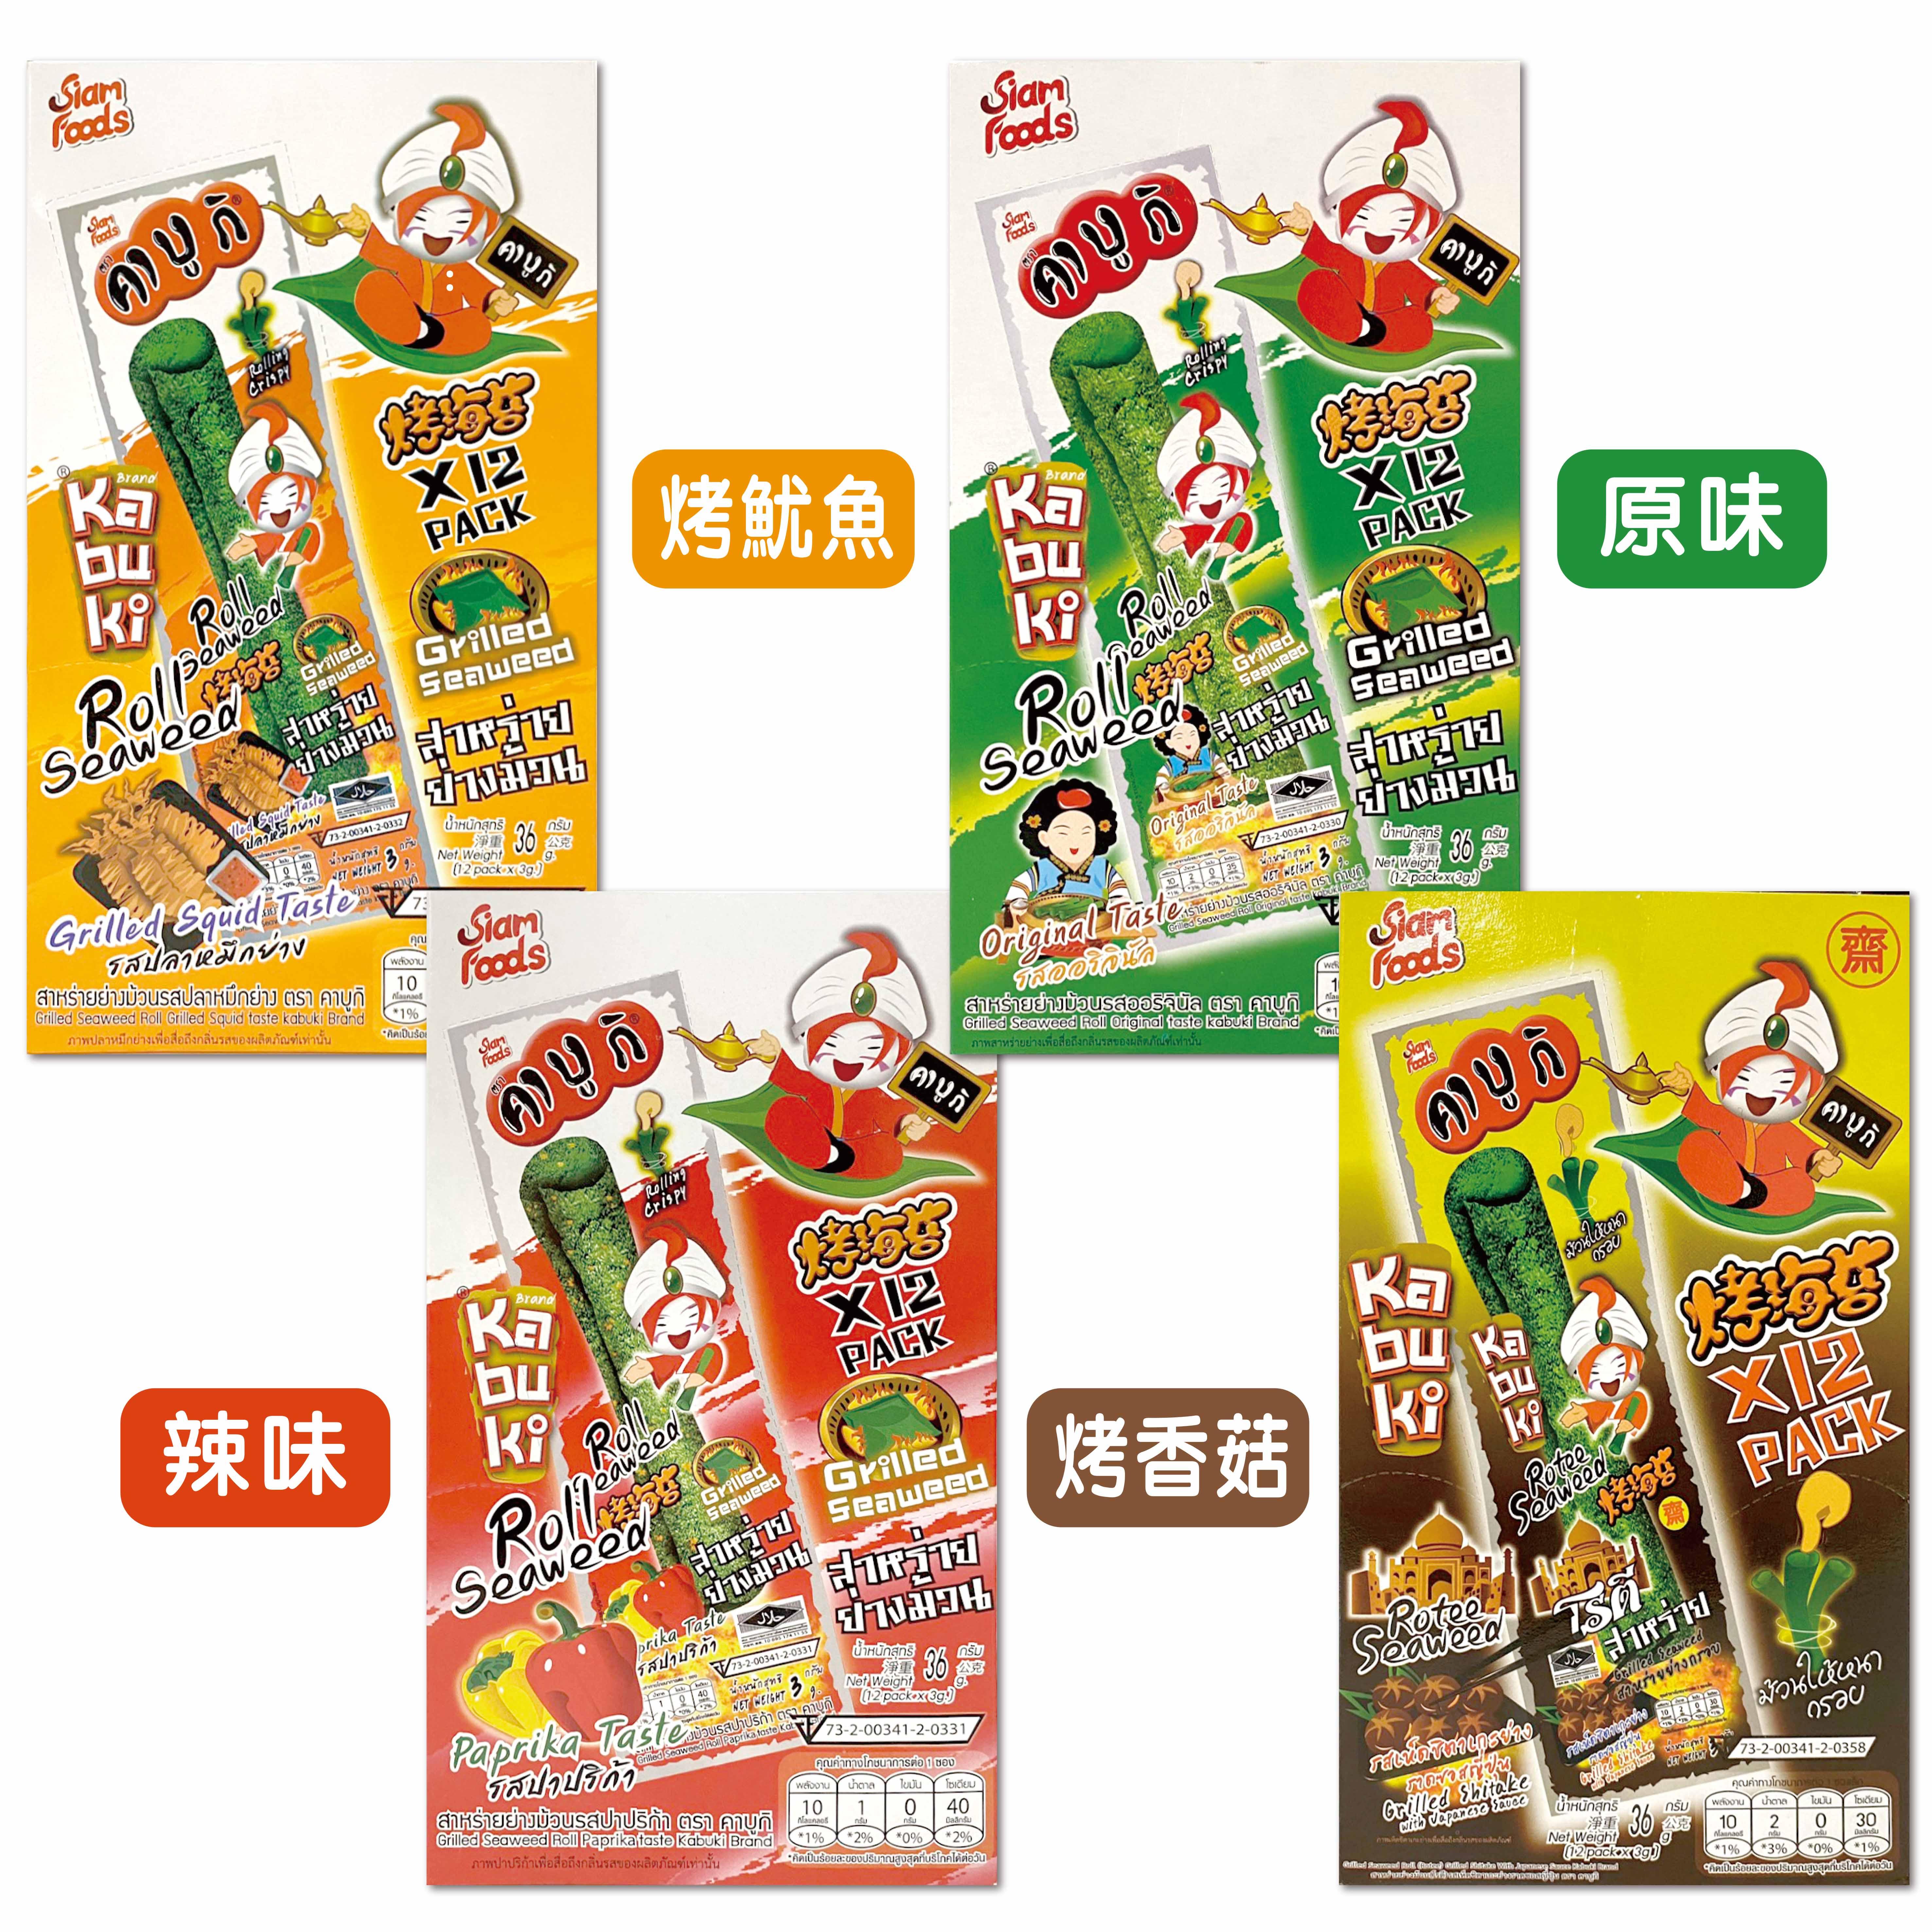 泰國 Kabuki歌舞吉 12支入 盒裝 海苔捲 烤魷魚/原味/辣味/烤香菇 36g 海苔 零食 阿拉丁